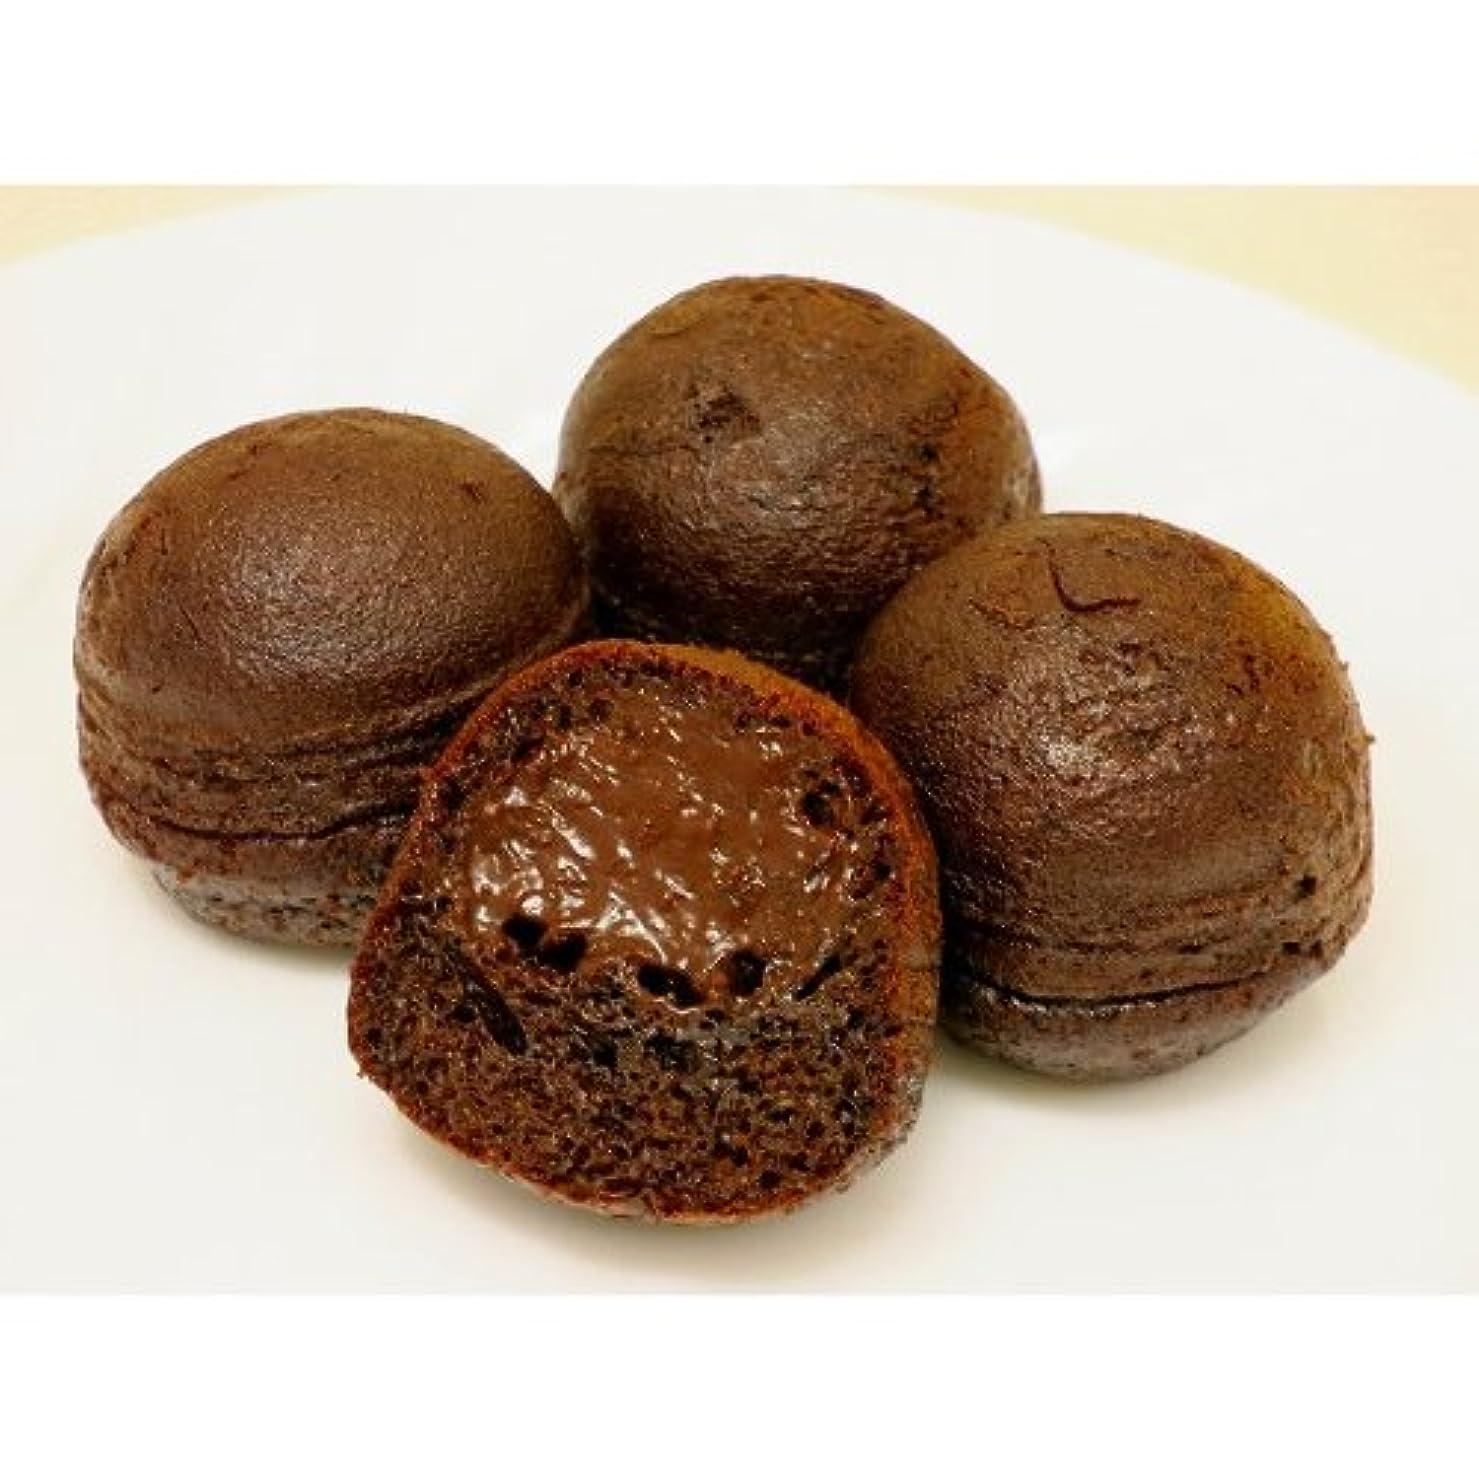 調べる適用済みチューリップ昭和冷凍食品 ショコラプチケーキ2 冷凍 約14g 50個